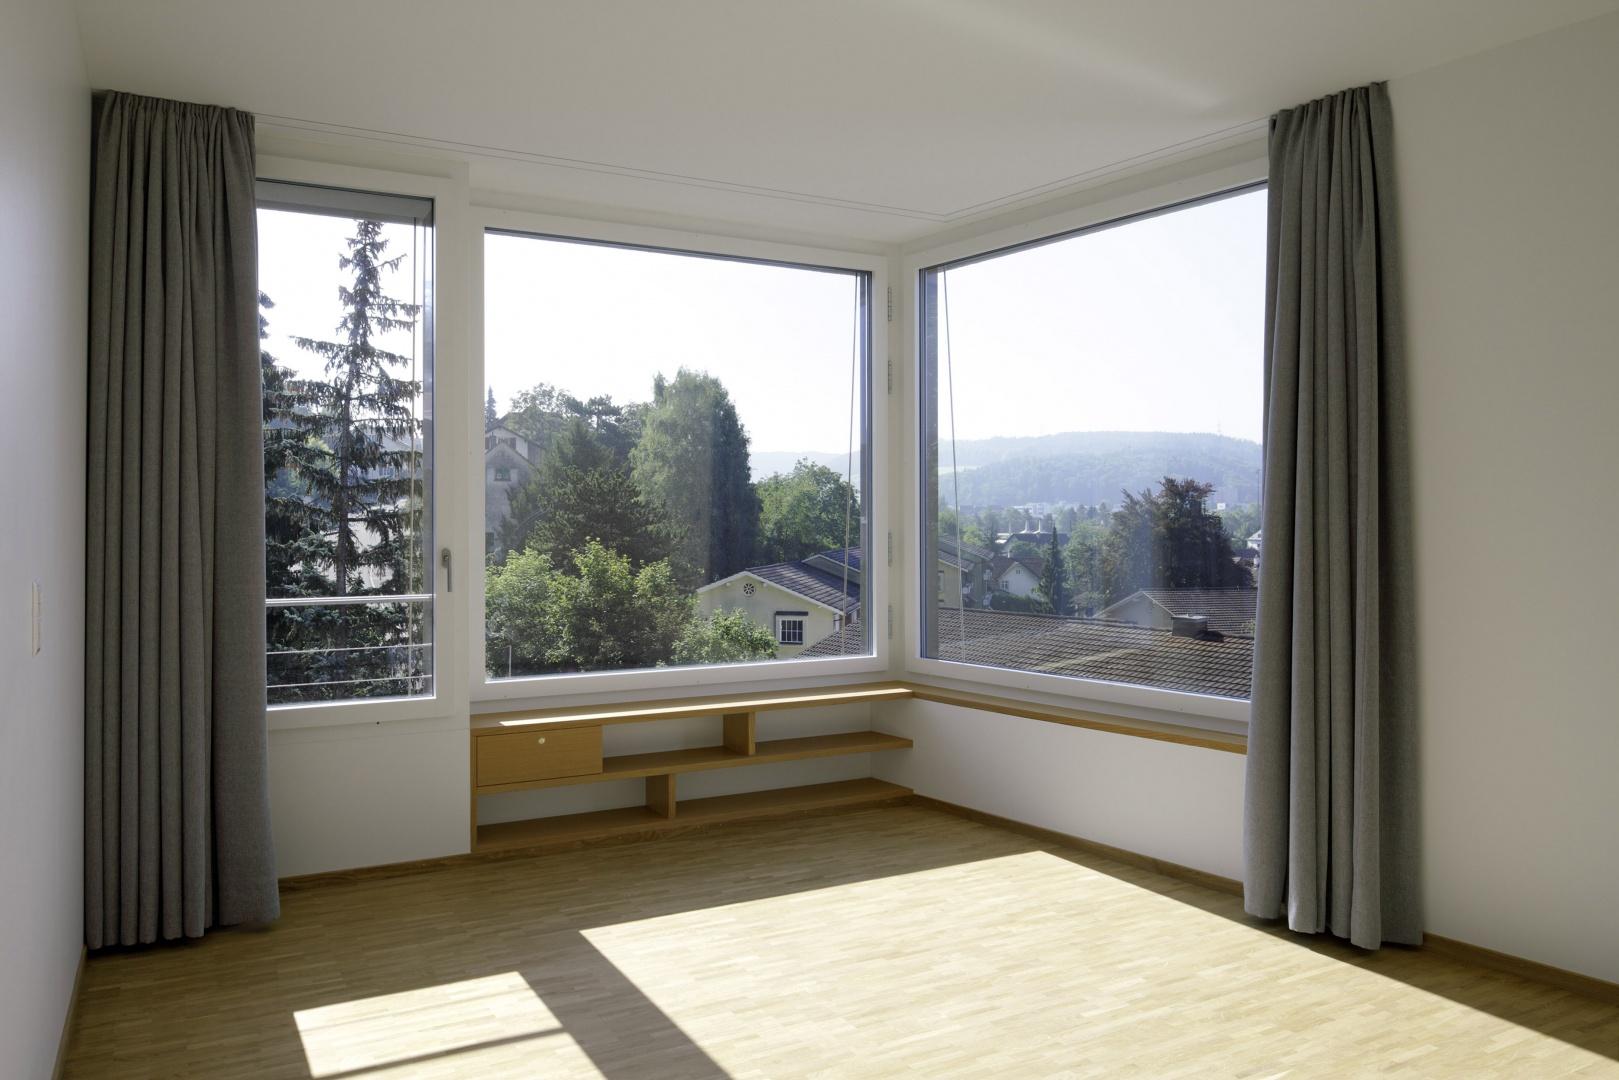 Brunnmatt_Pflegezimmer © Tom Bisig, Basel